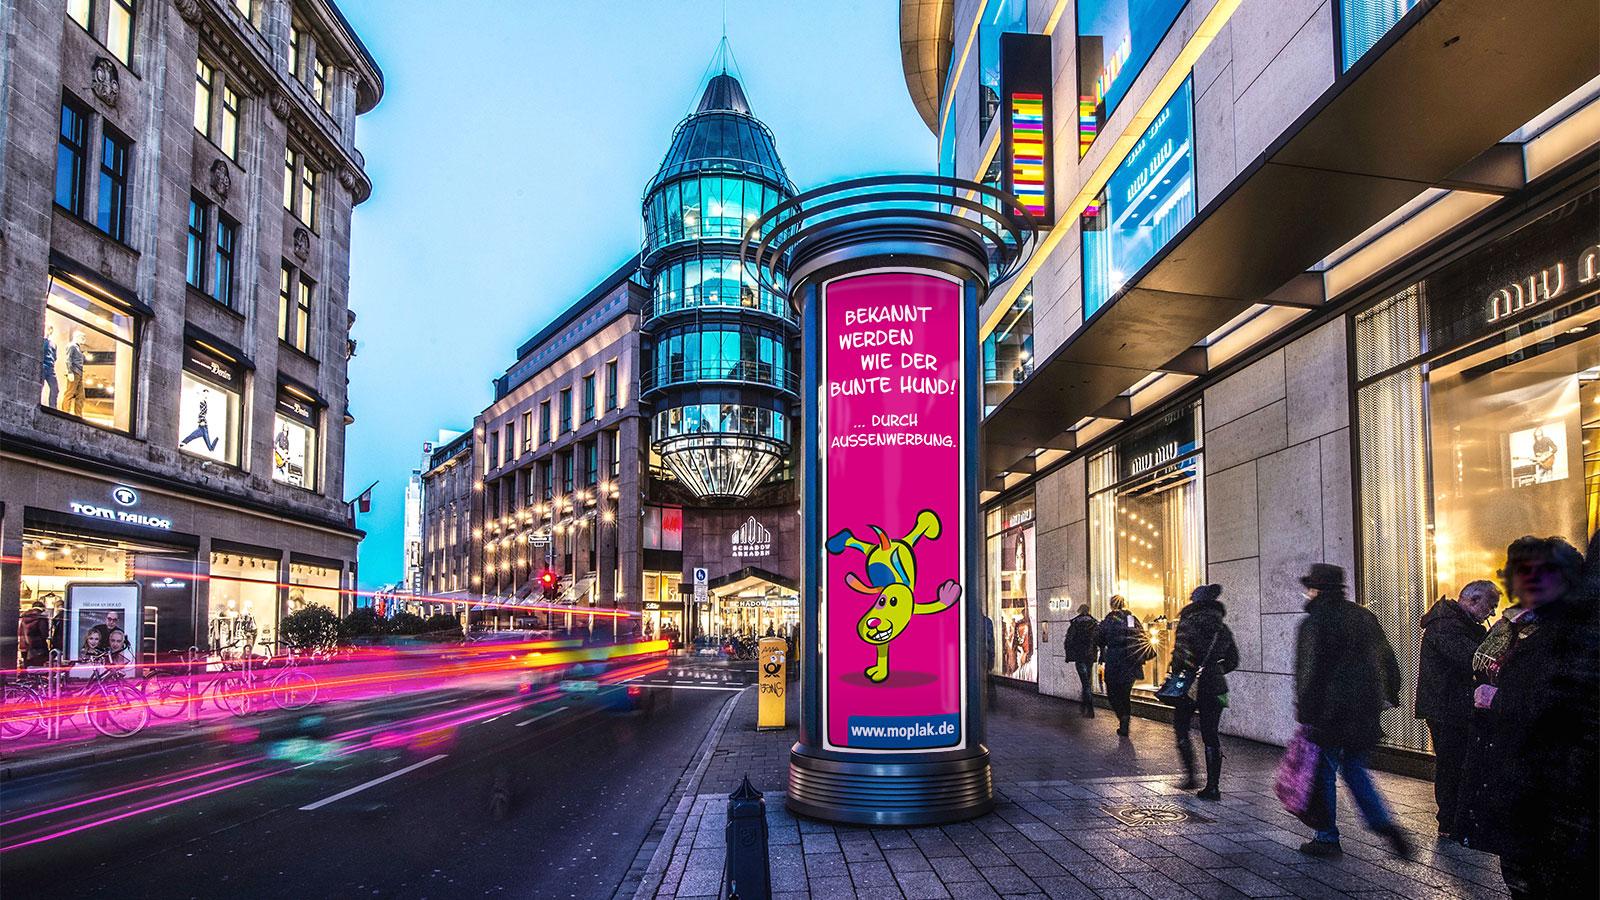 Heilbronn-Aussenwerbung-Litfasssaeule-Werbung